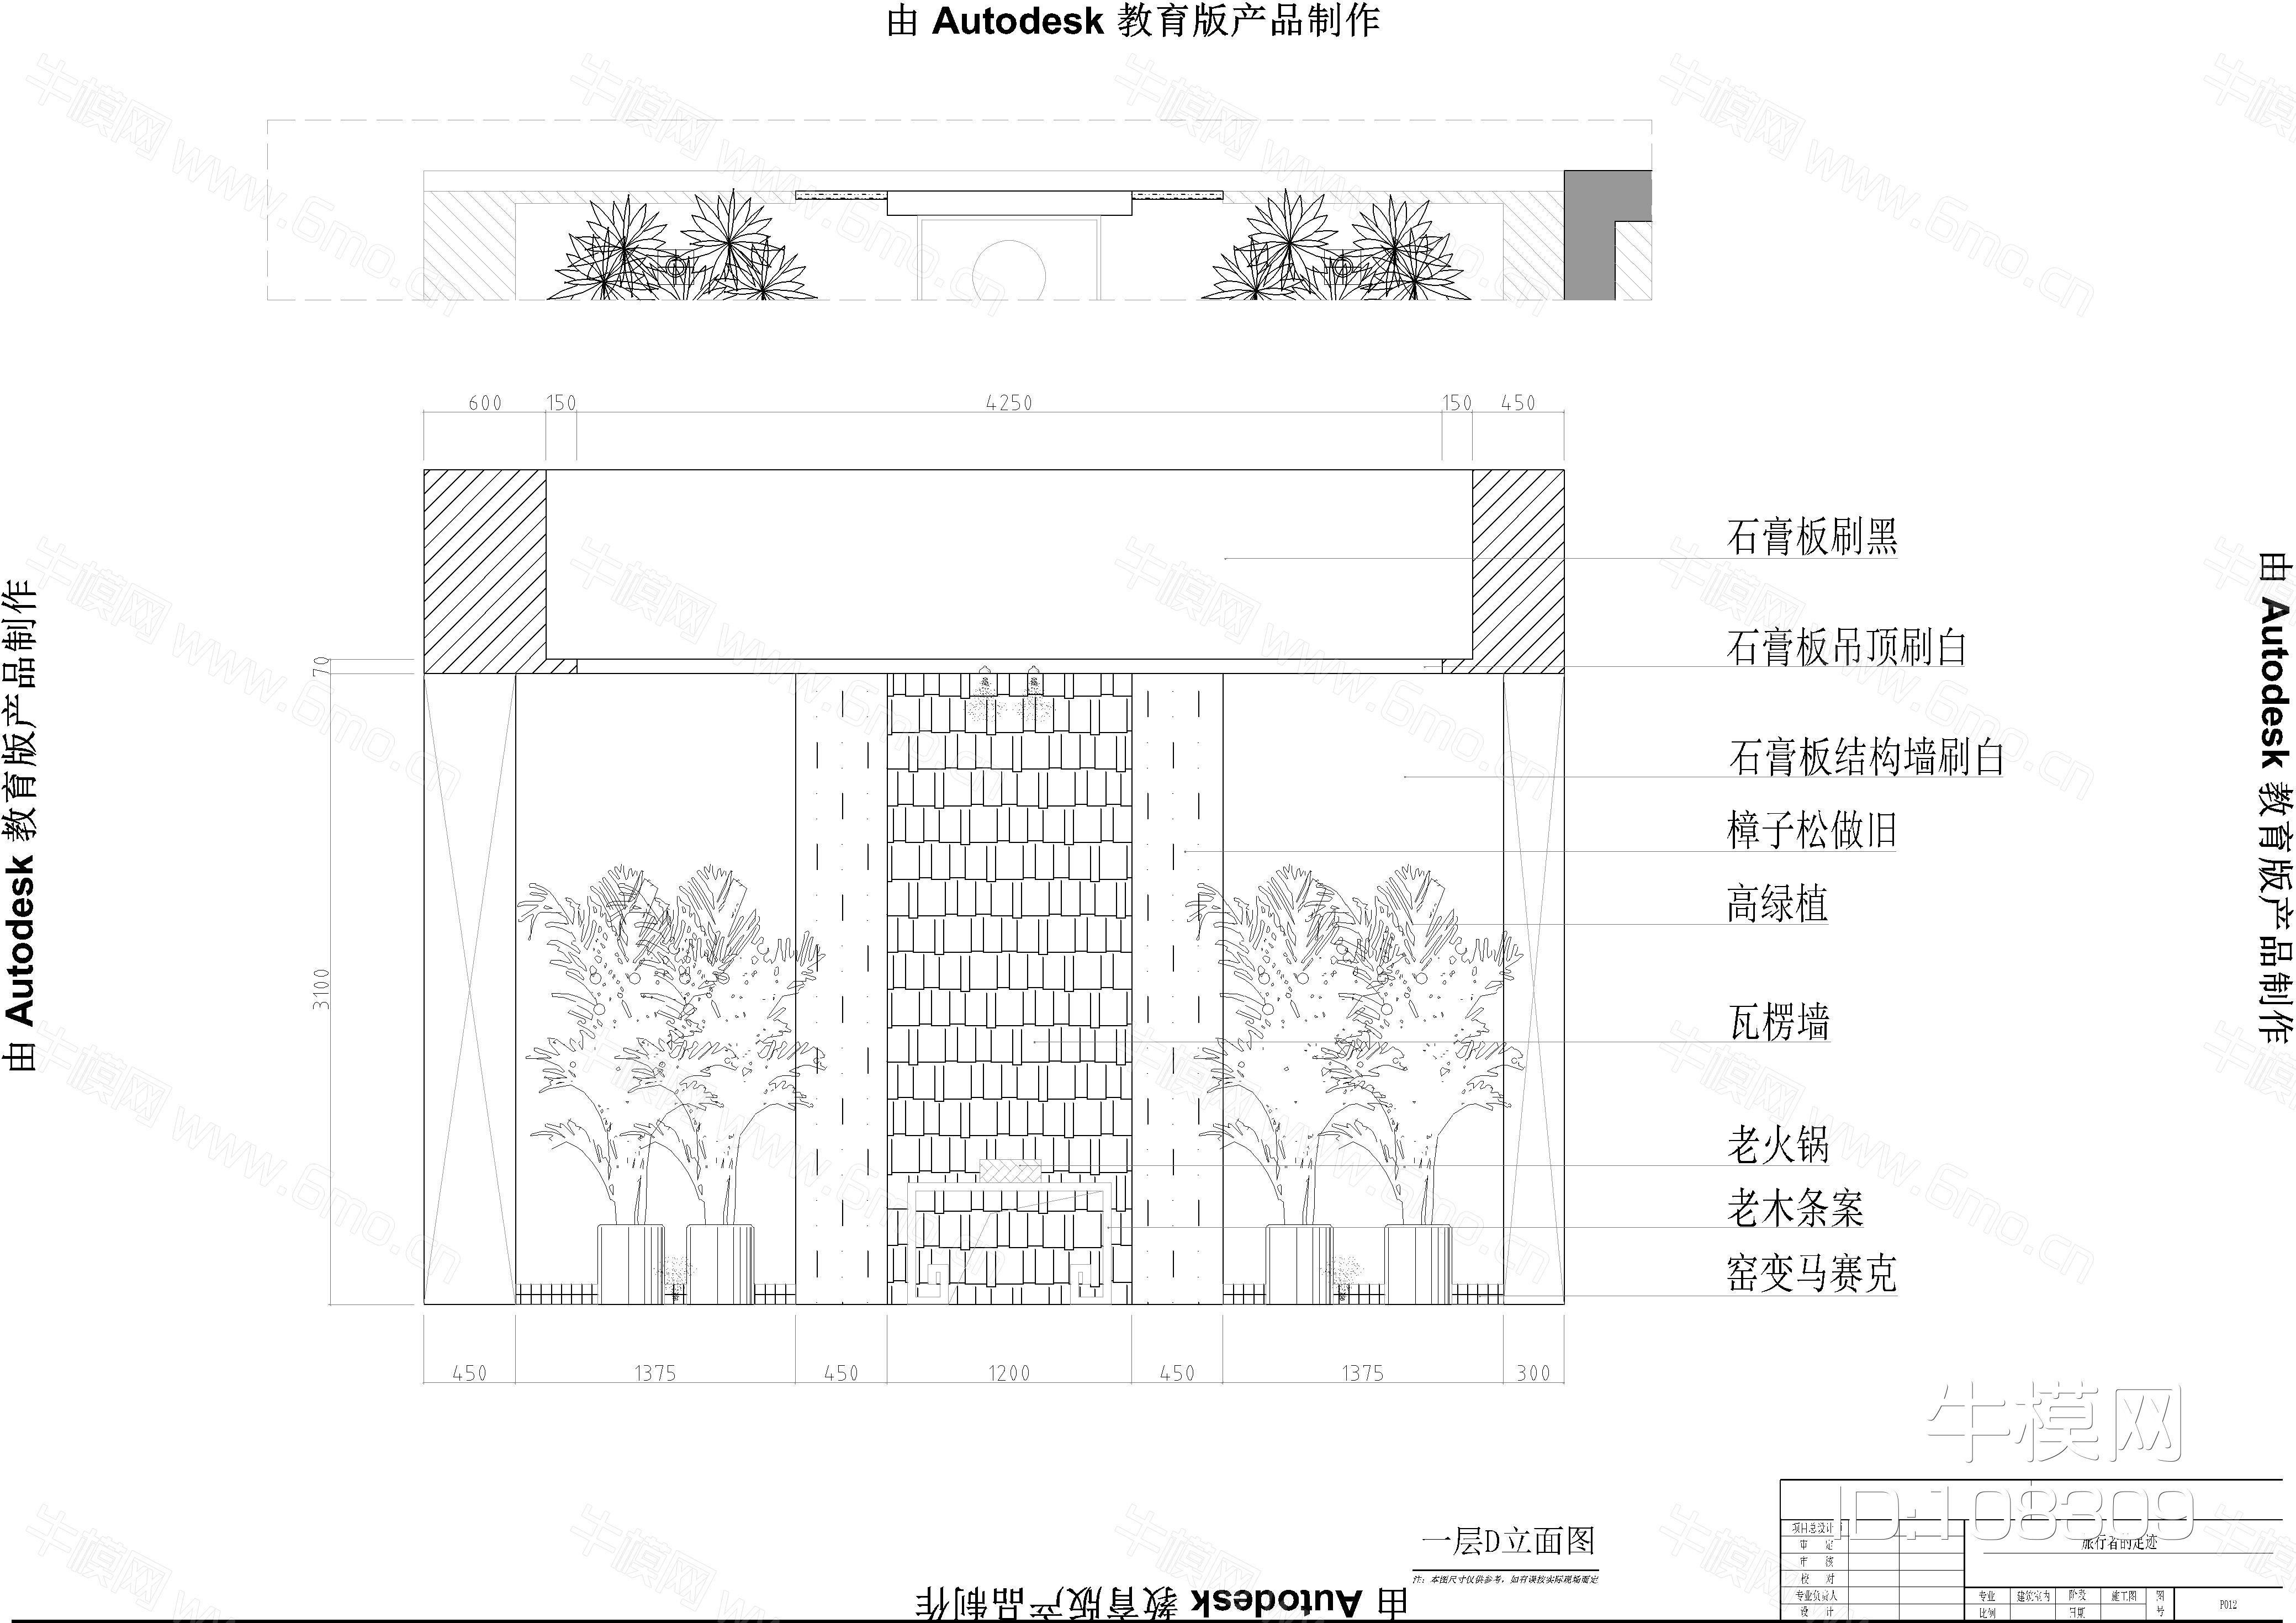 网红风自助火锅店室内装修施工图